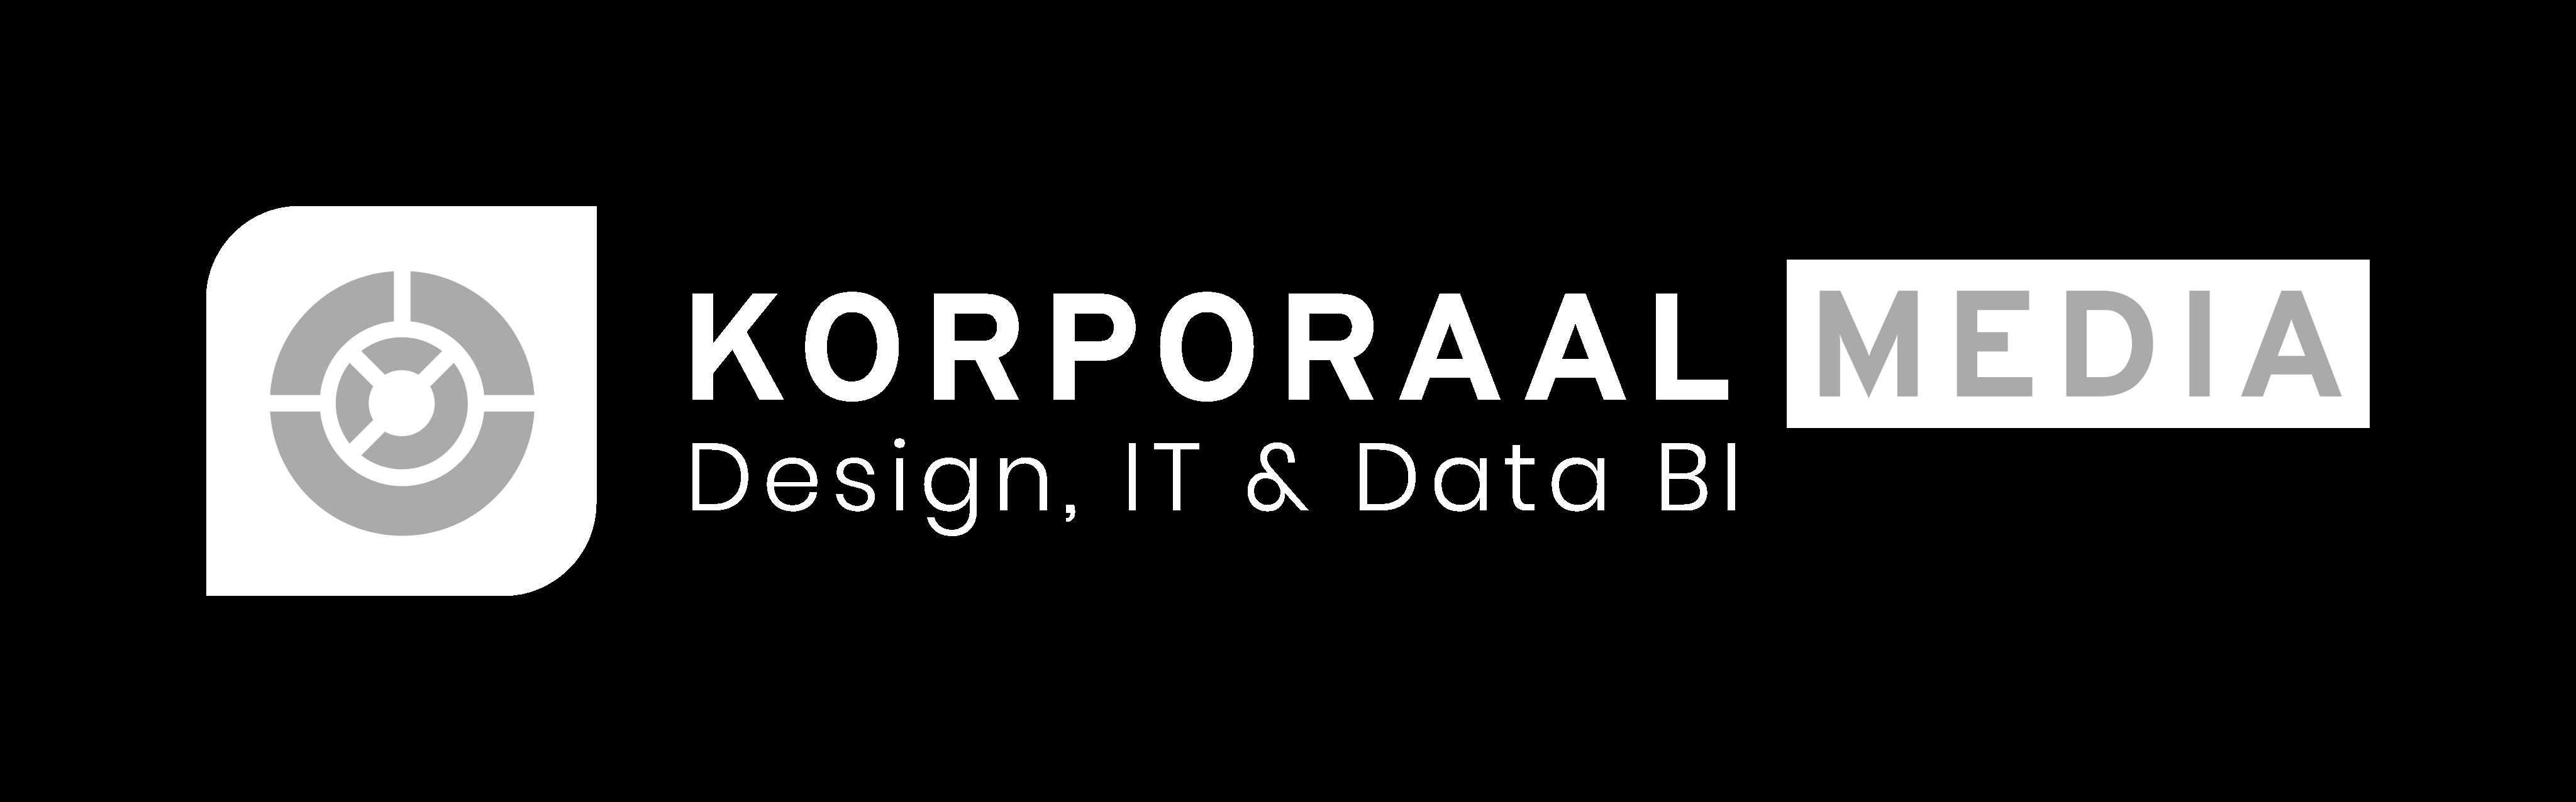 Korporaal Media